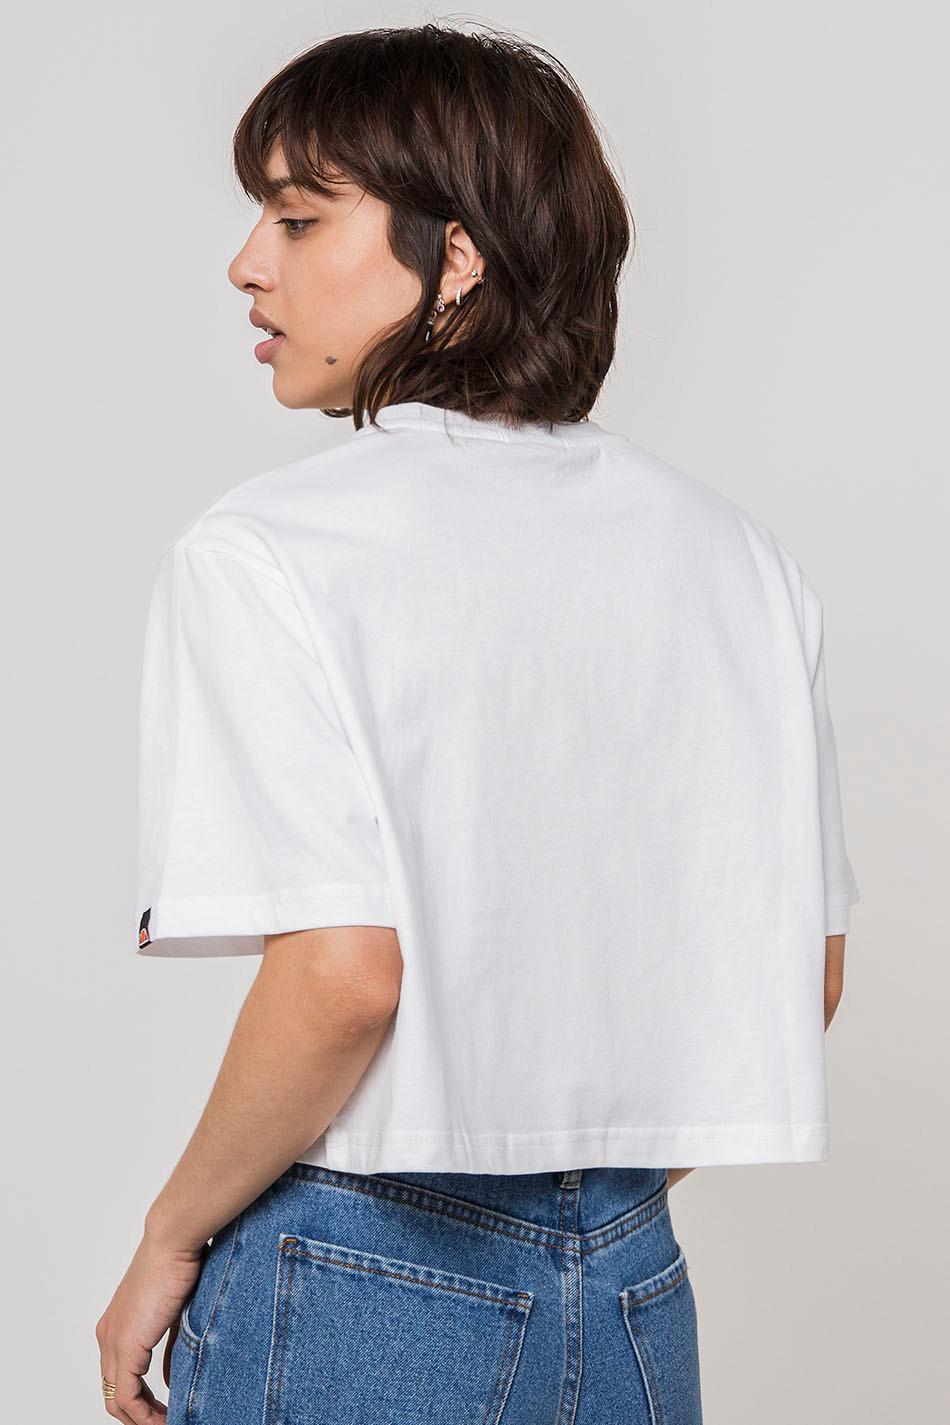 Camiseta Fireball Cropped white